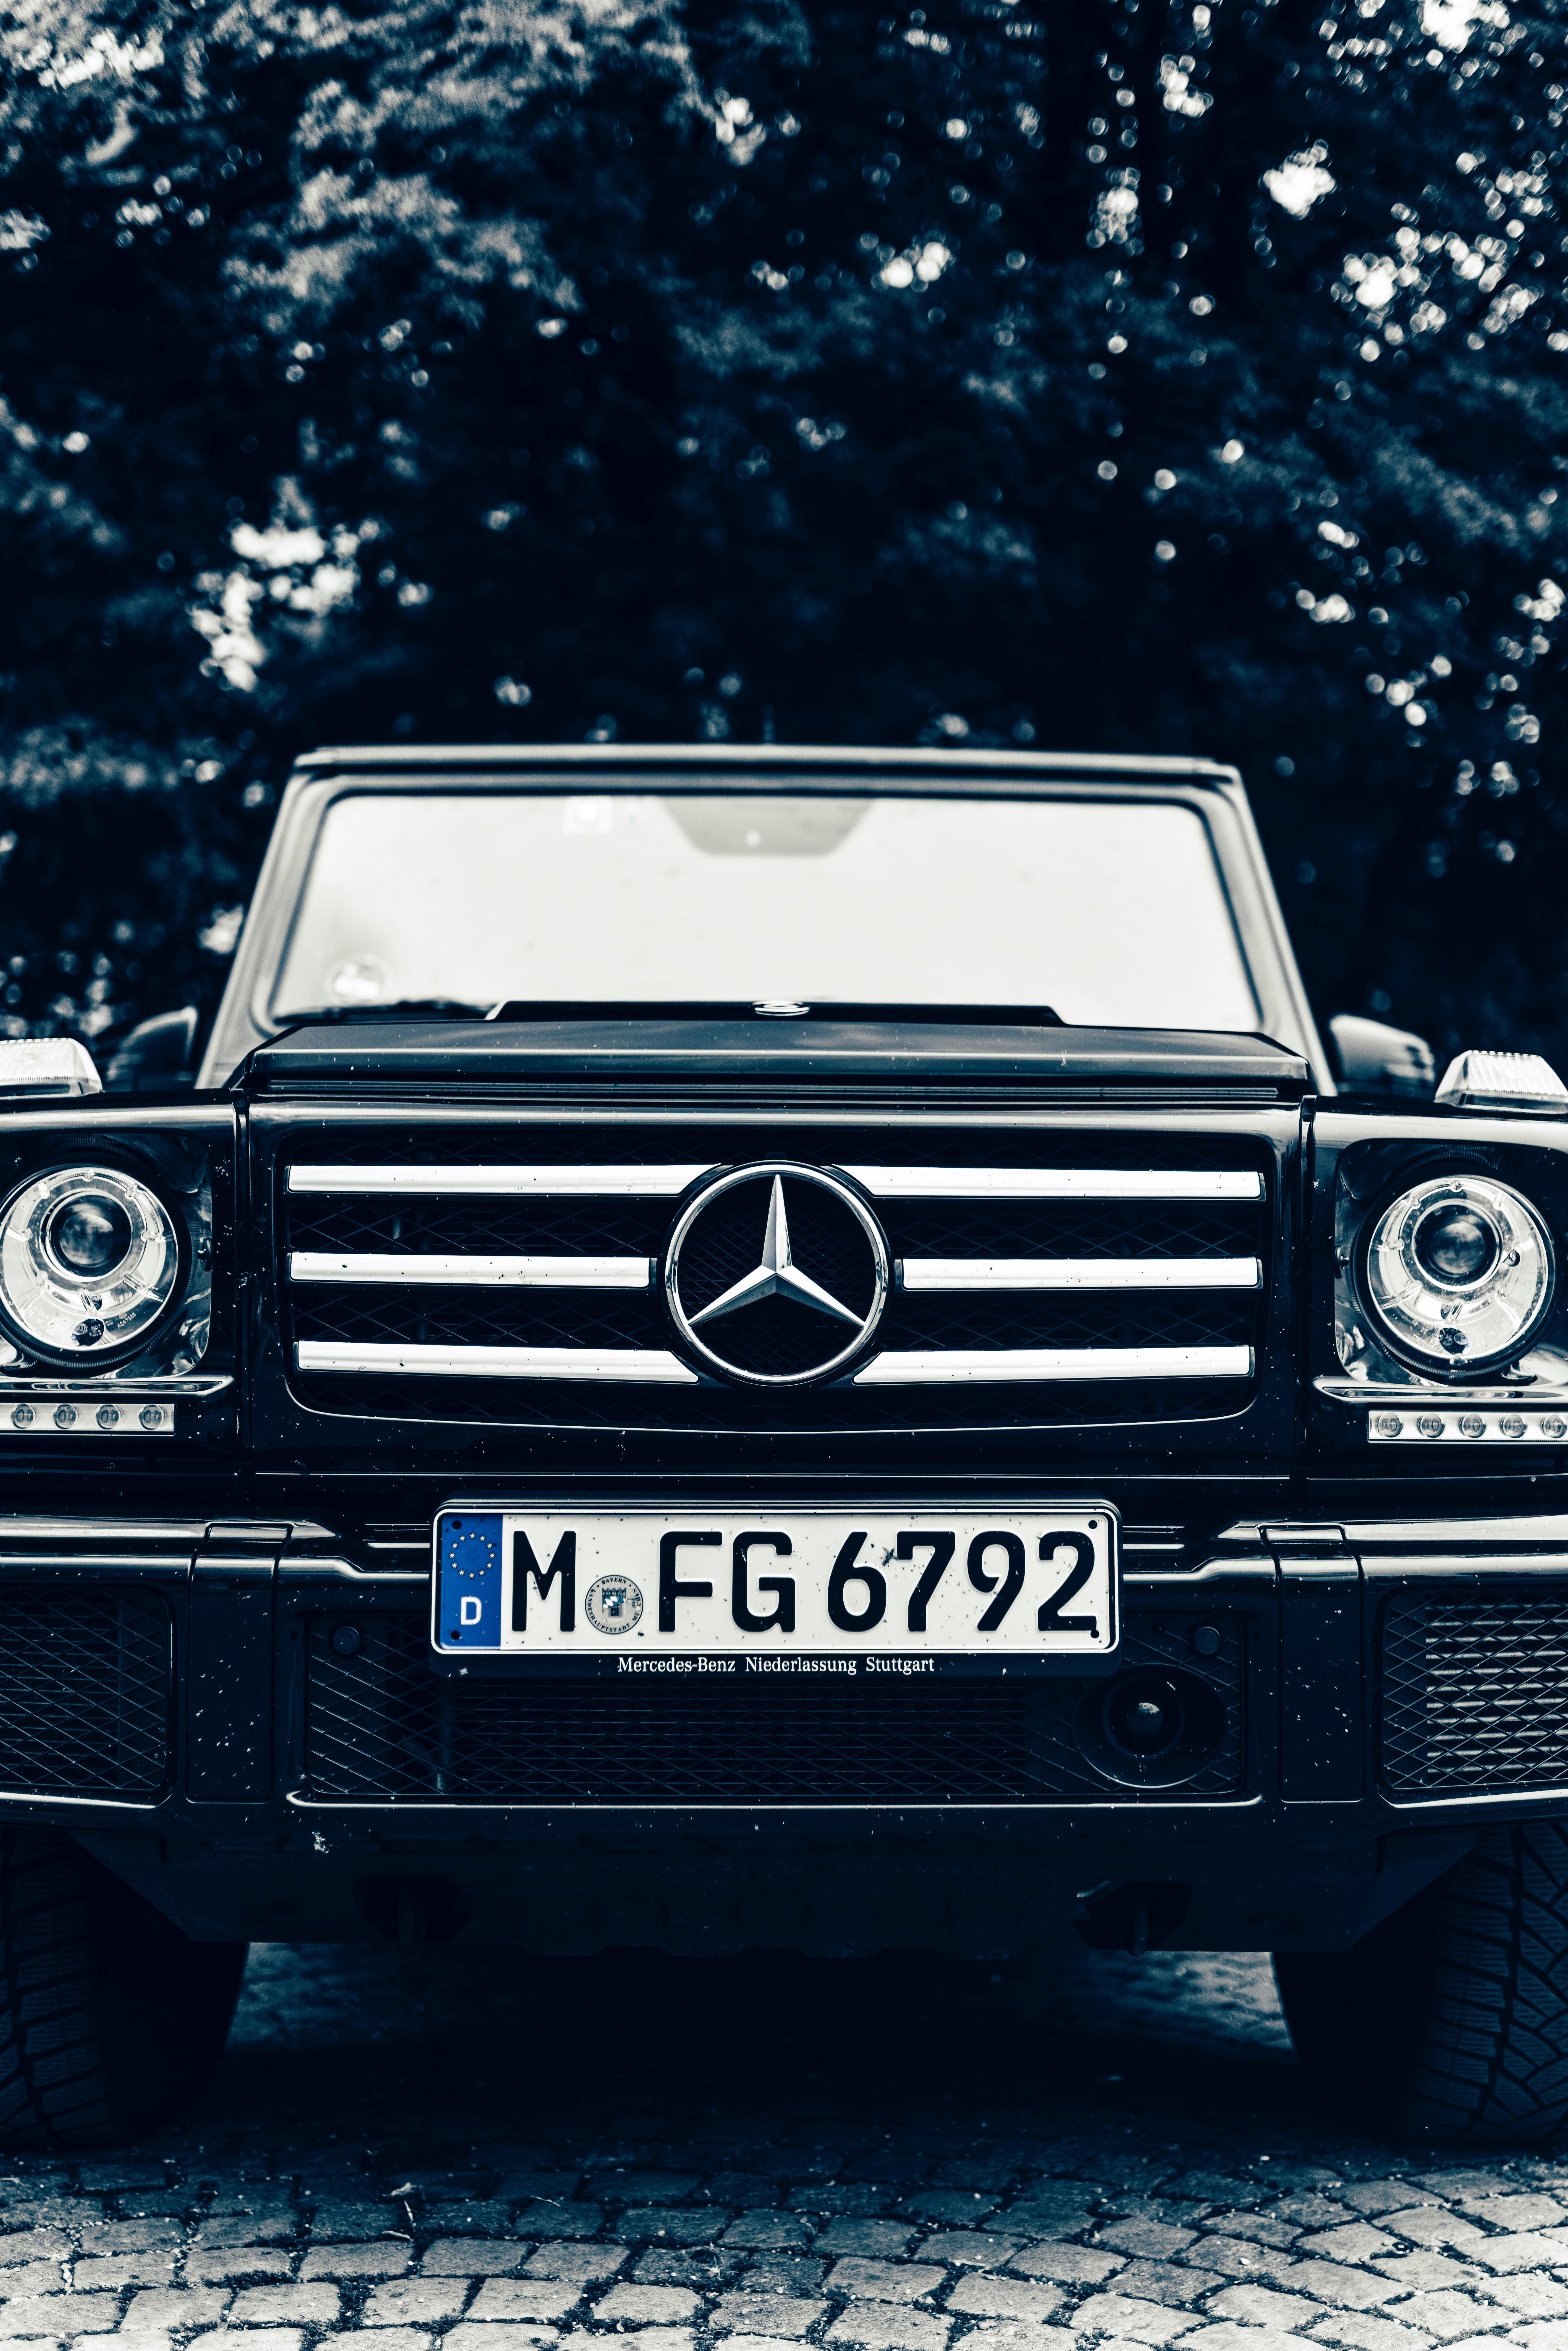 86242 Заставки и Обои Фары на телефон. Скачать Mercedes, Тачки (Cars), Внедорожник, Вид Спереди, Машина, Фары картинки бесплатно